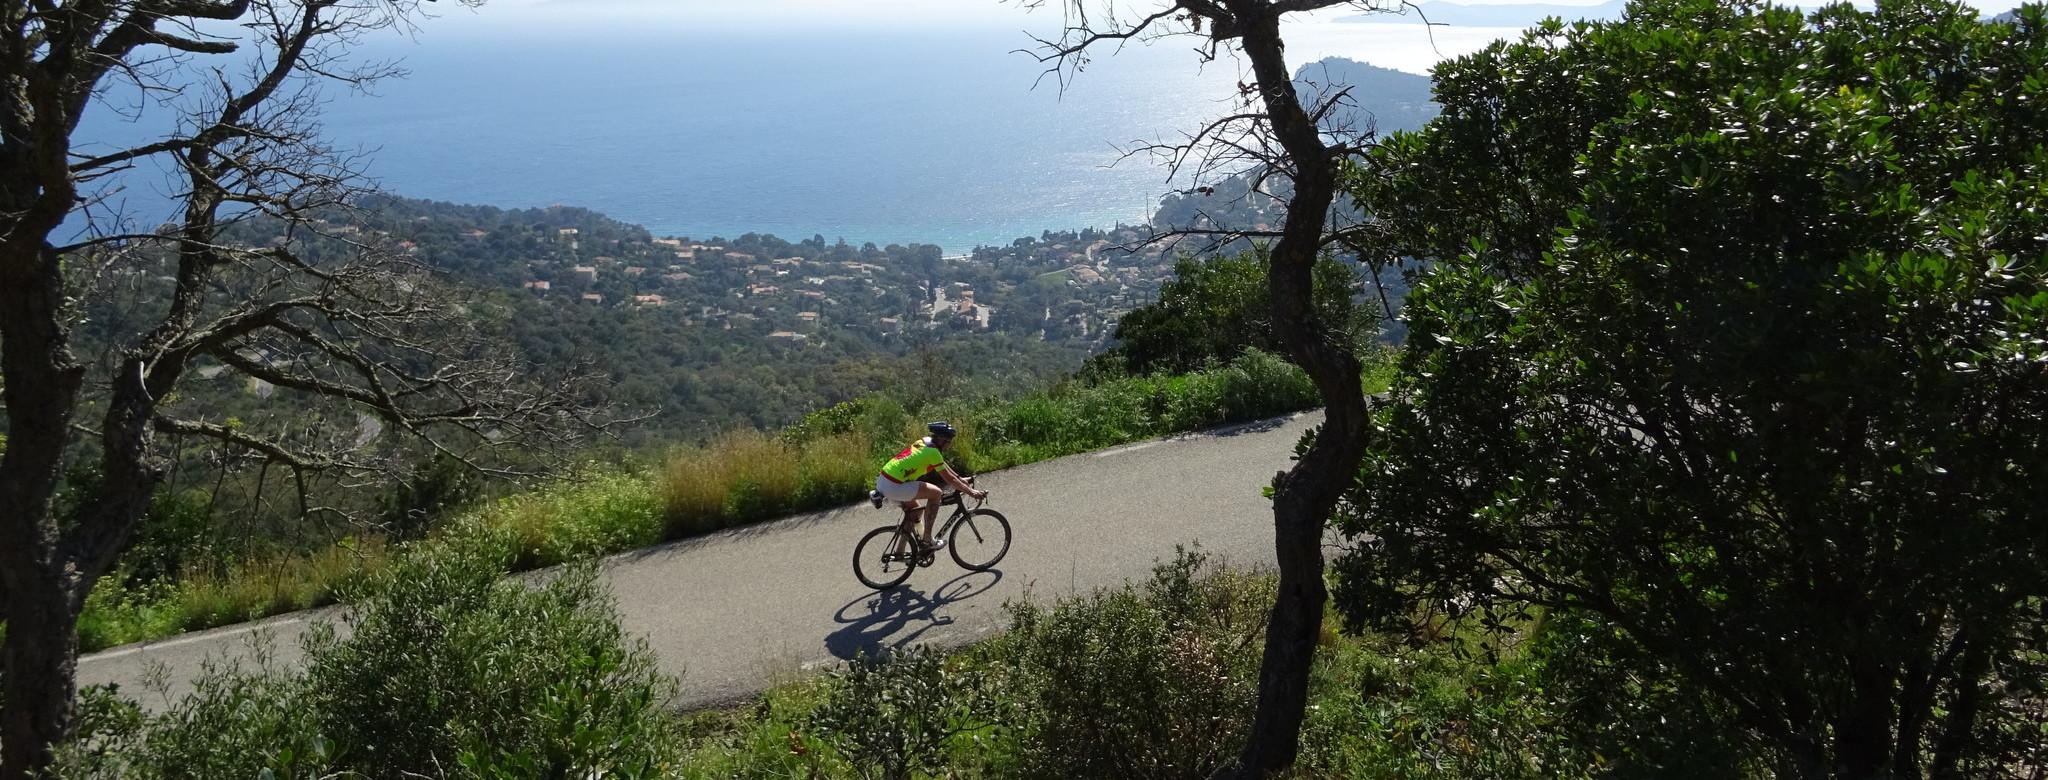 Rennradtraum an der Riviera